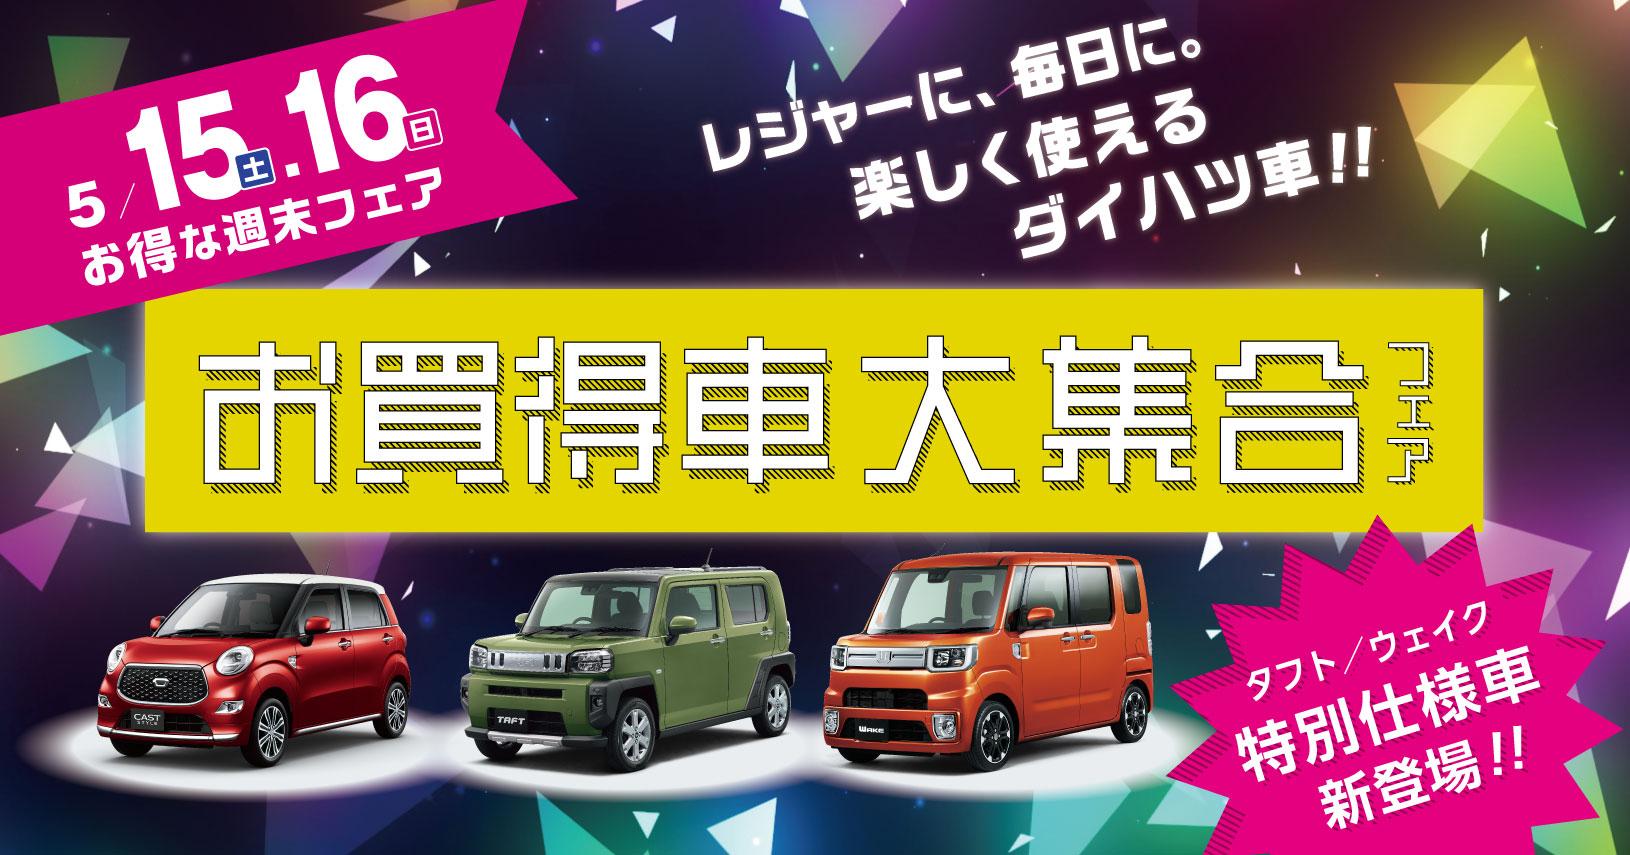 15-16日タフト&ウェイク特別仕様車新登場!!「お買得車大集合フェア」